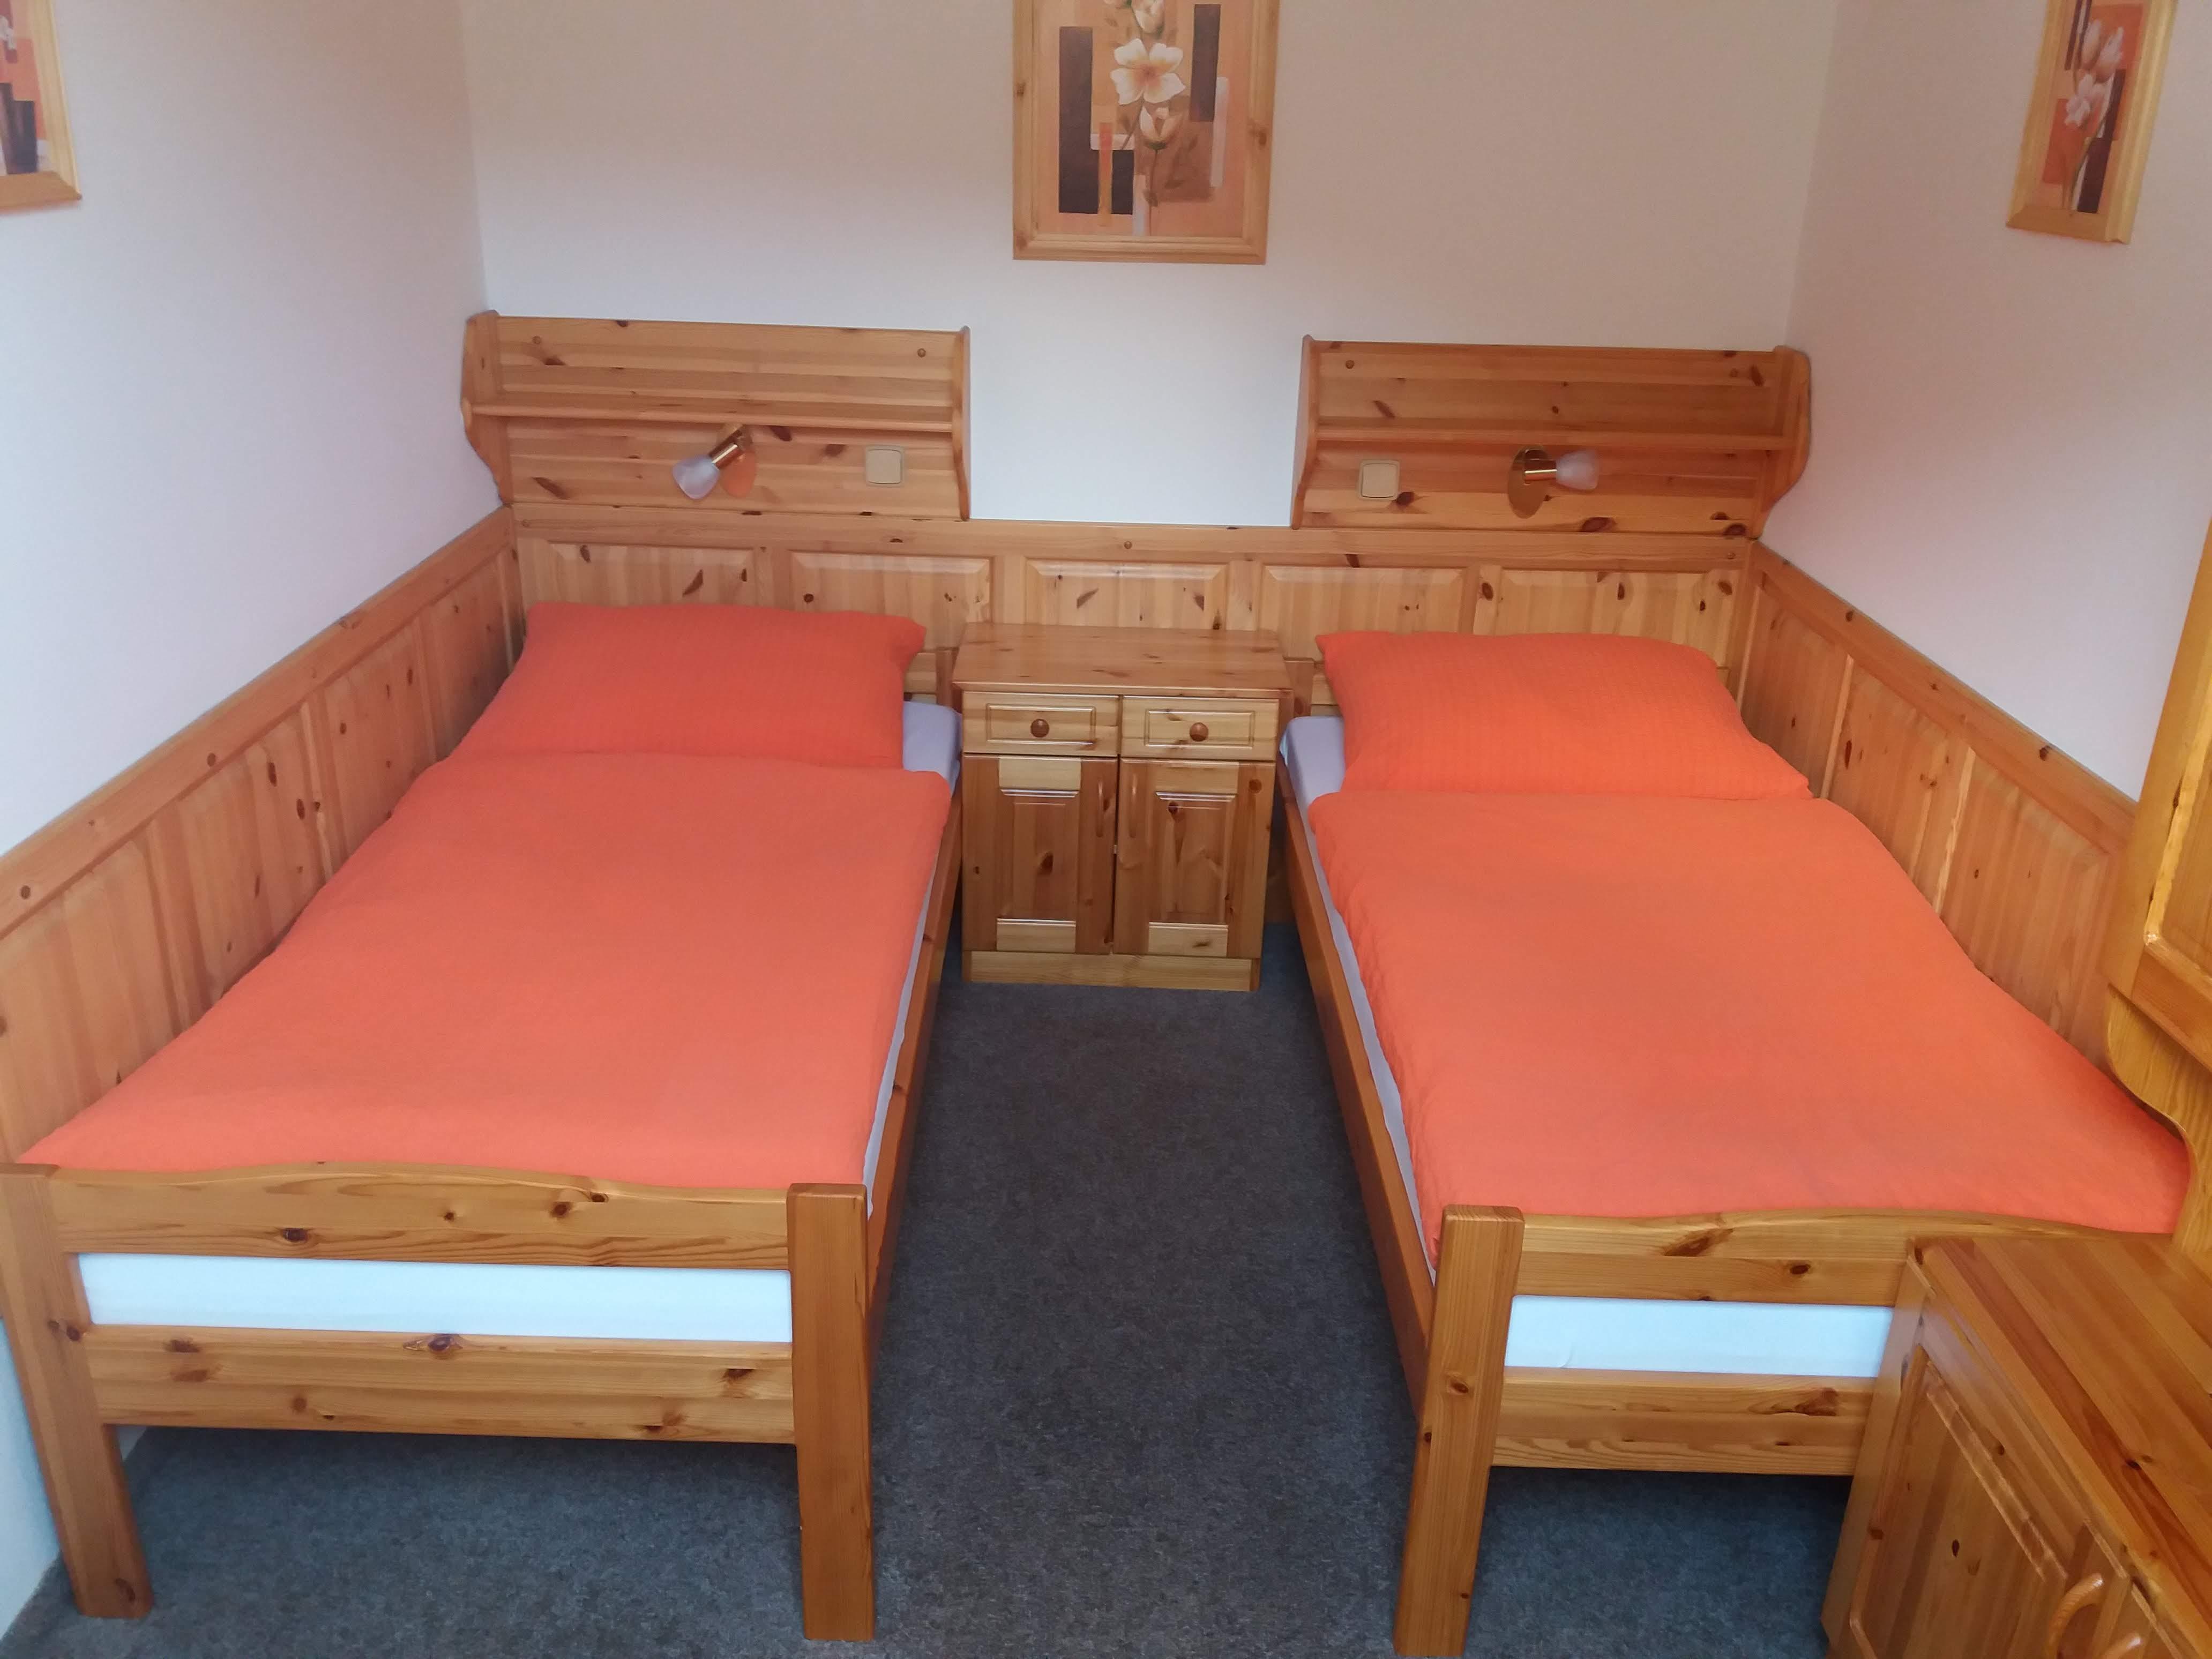 Postele v podkrovní části pokoje